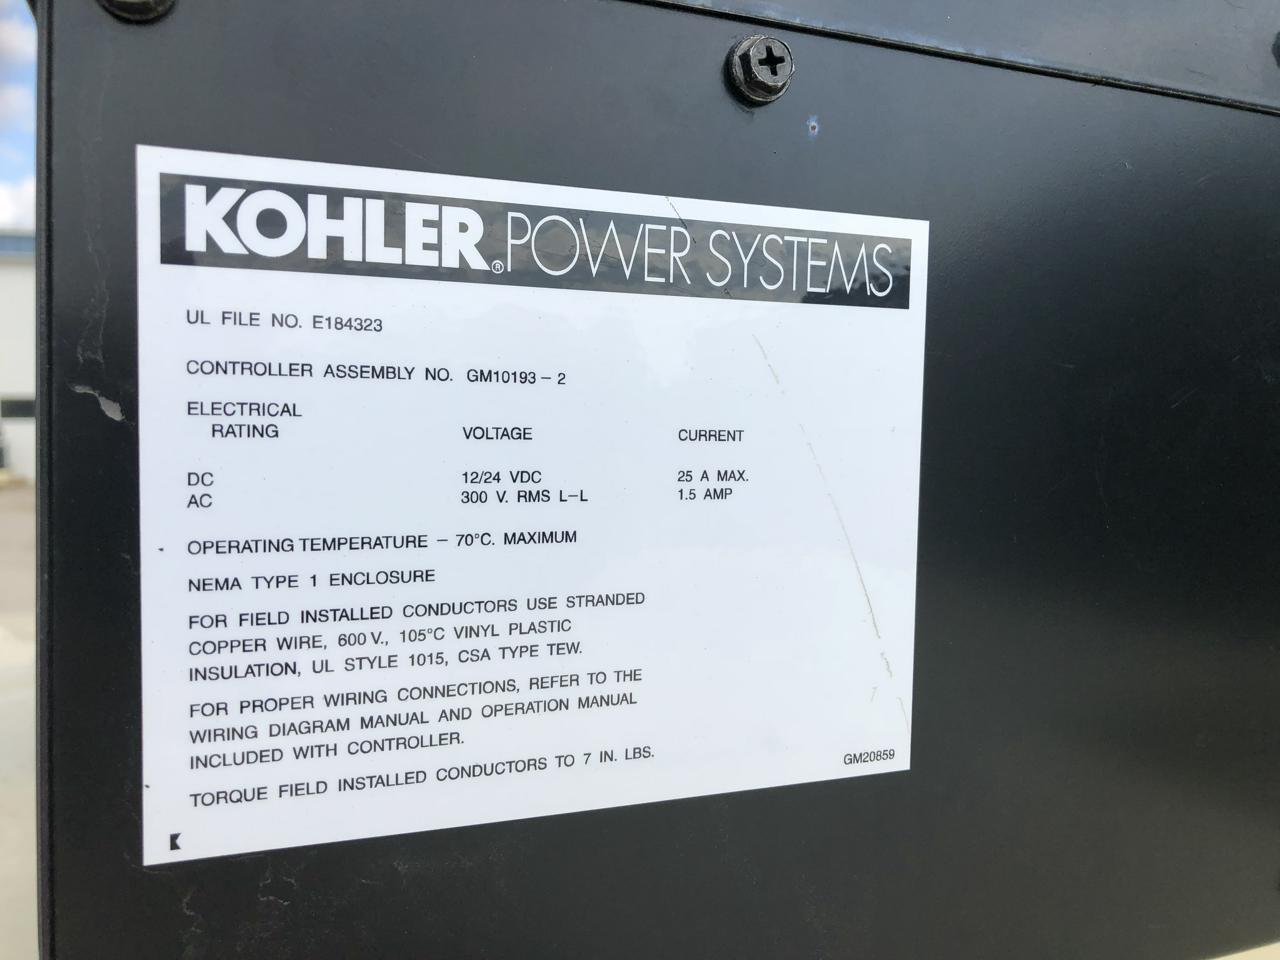 1000 Kw Kohler Generator Set 3 Phase Skid Mounted 120 240 Volts Motor Wiring Diagram